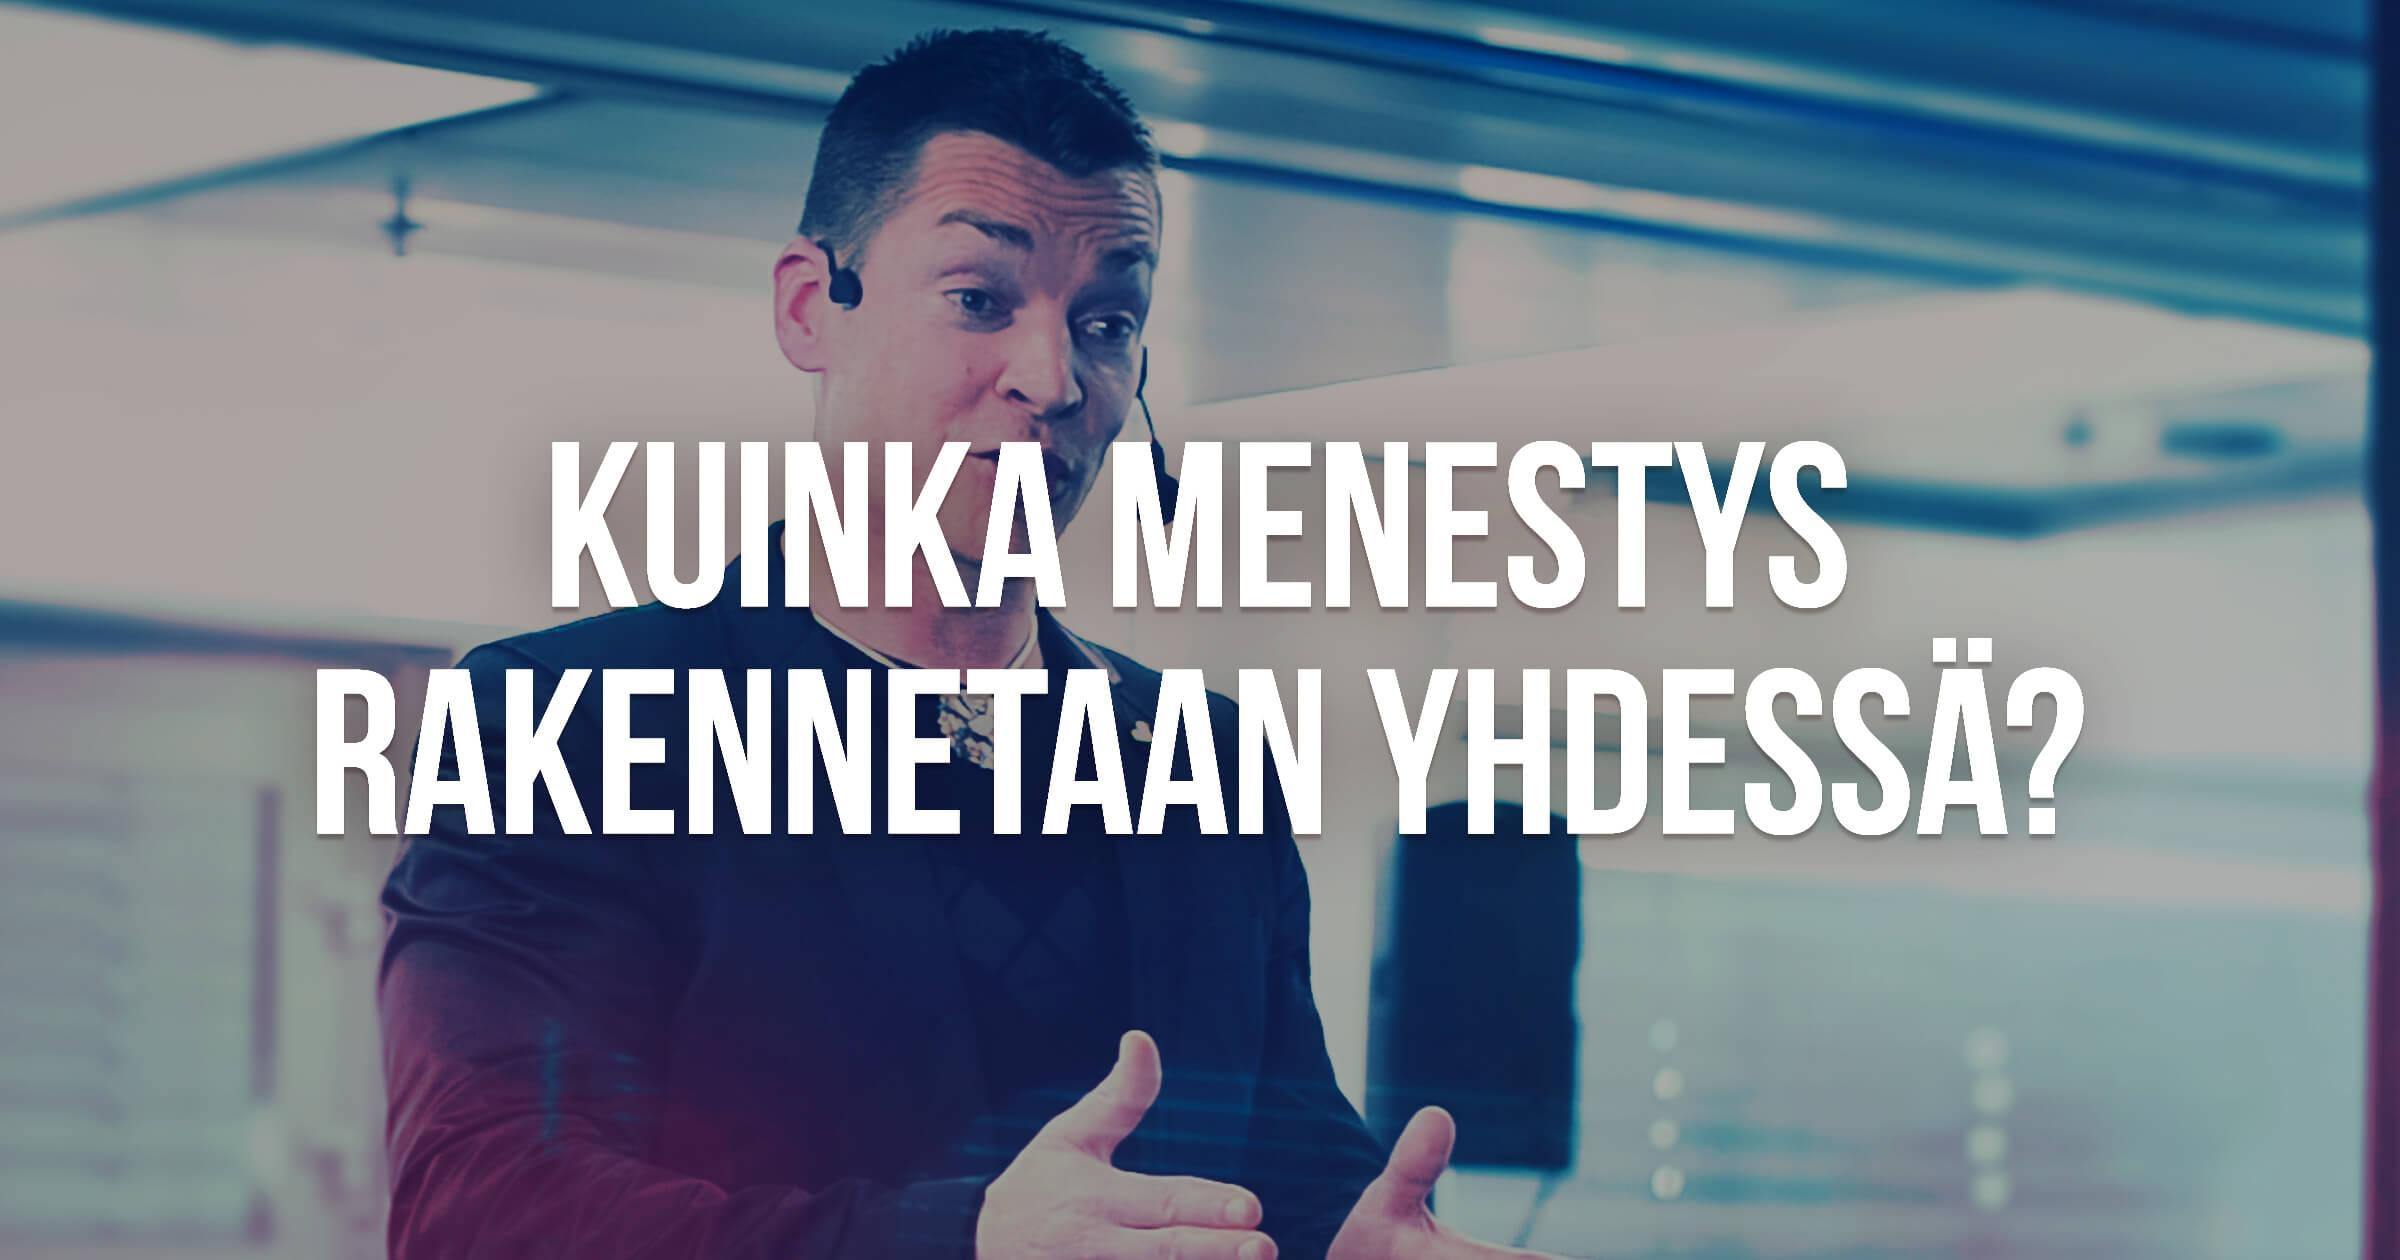 Jaakko Alasaarela: Kuinka menestys rakennetaan yhdessä?